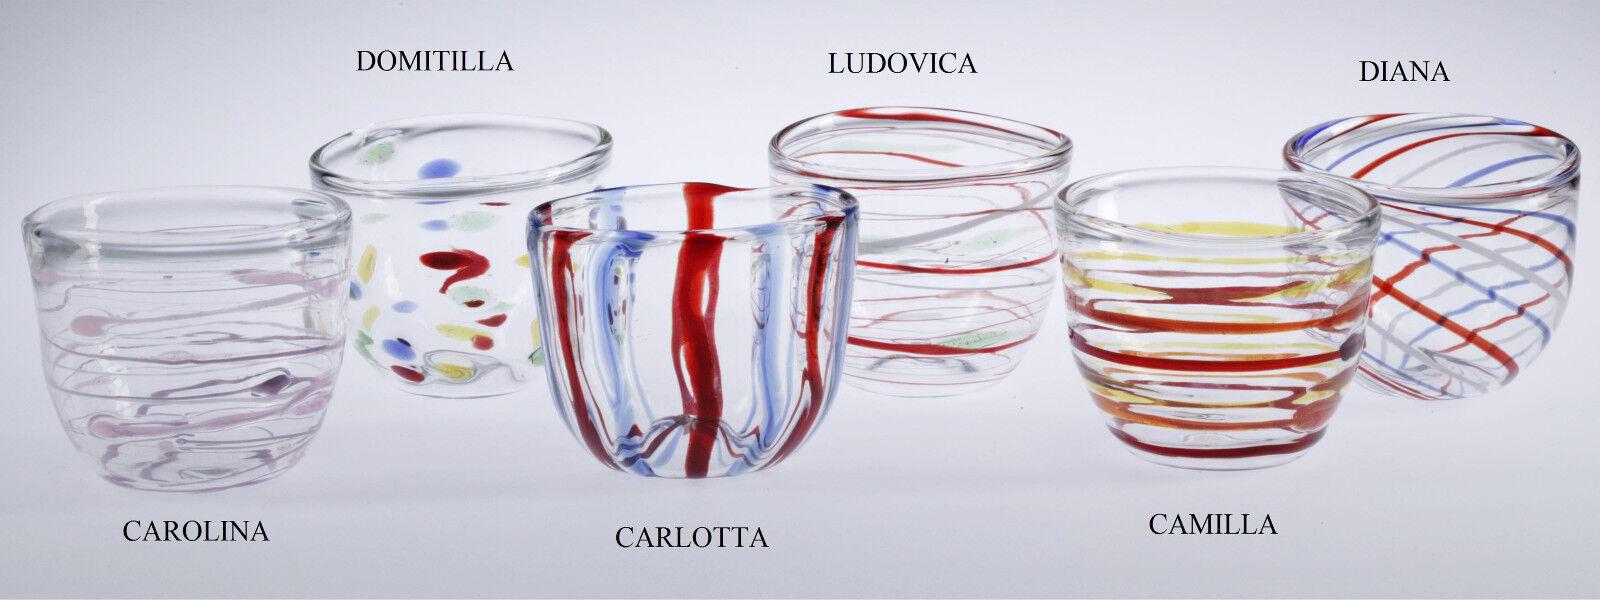 Massimo Lunardon Lunardon Lunardon Teekanne  DOMITILLA  mit 6 Tassen. Handgeblasenes Kunstglas e6f111